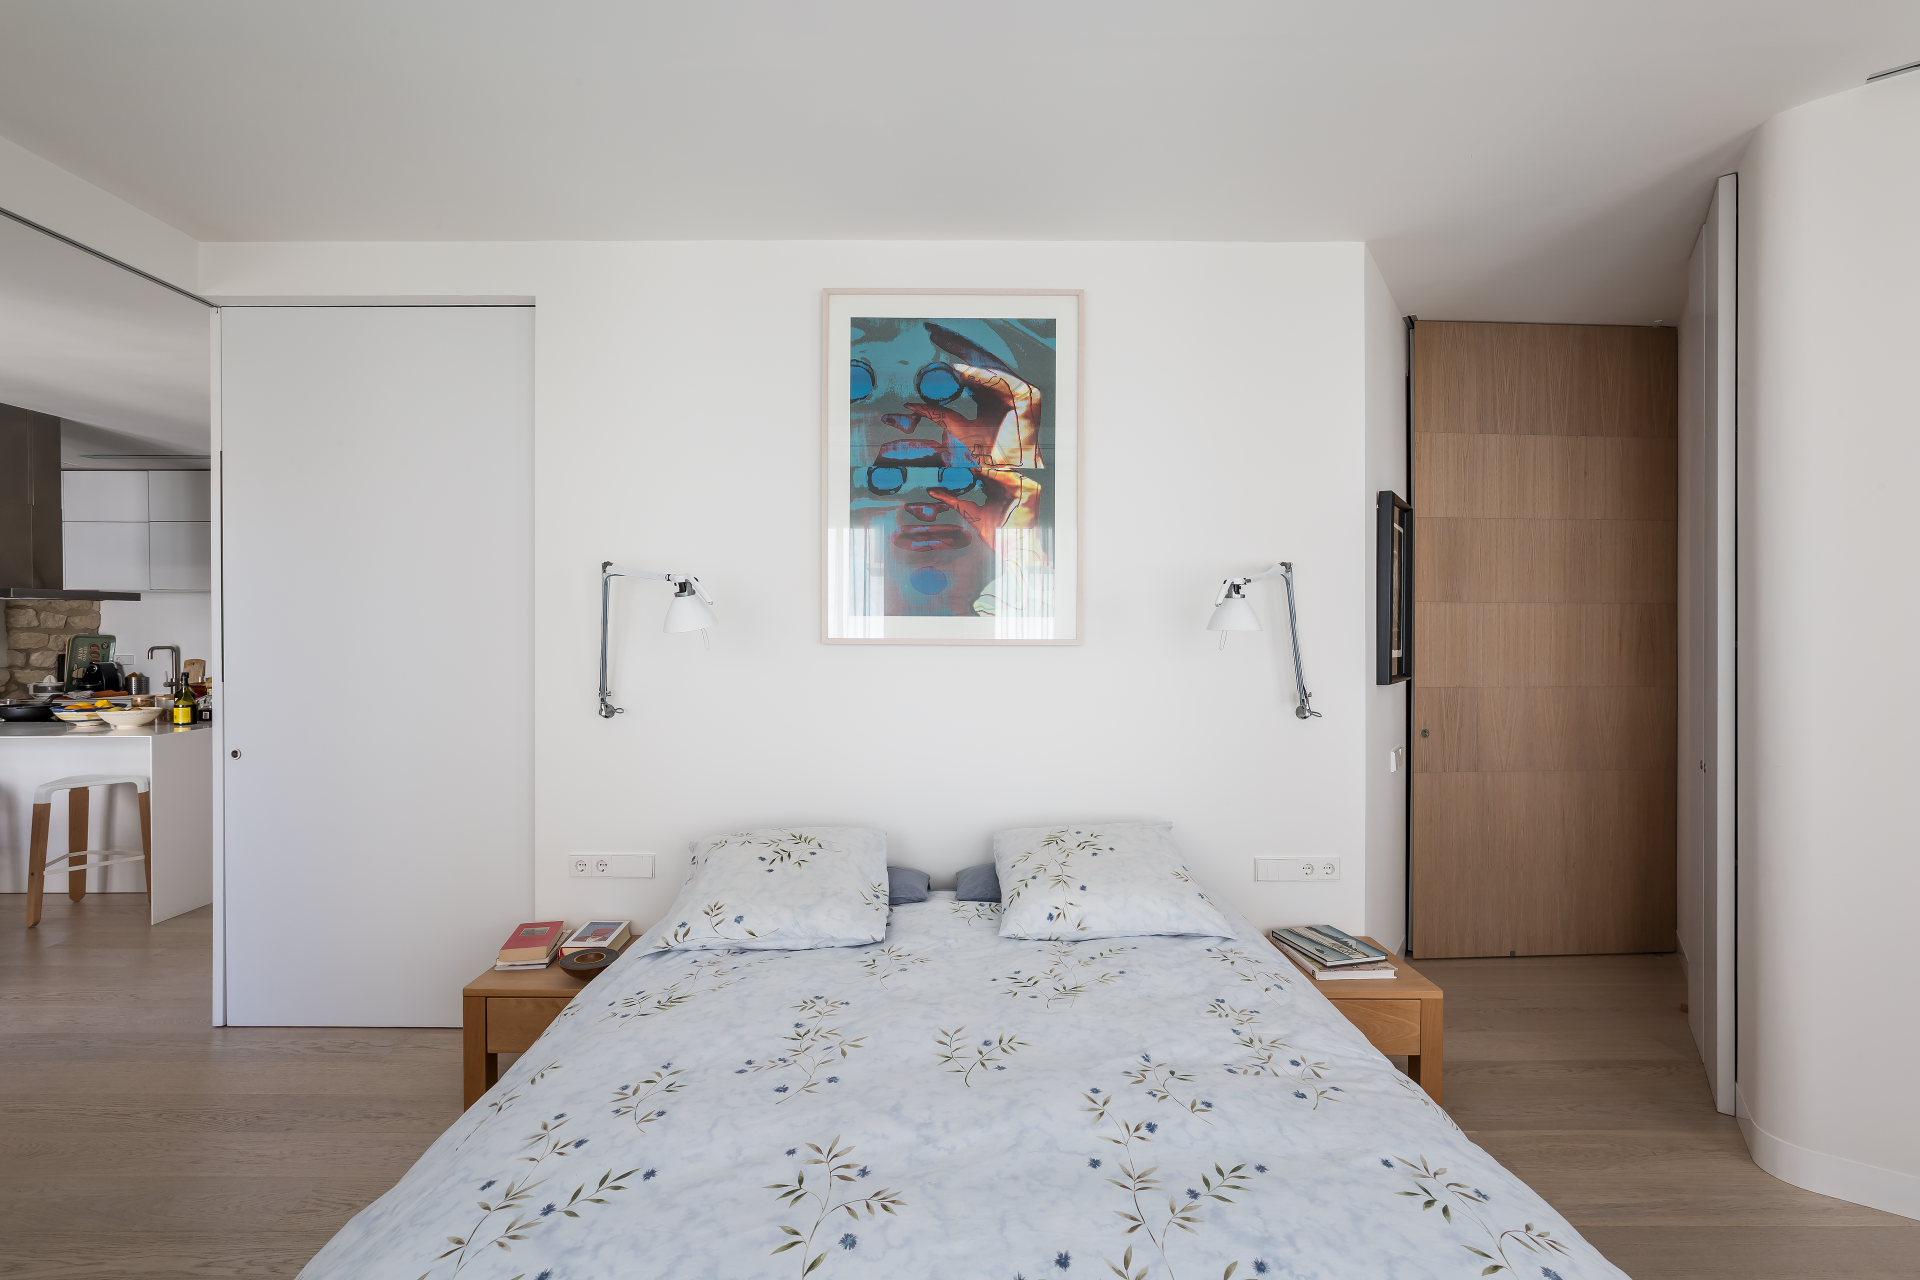 fotografia-arquitectura-valencia-german-cabo-selecta-home-alicante (19)